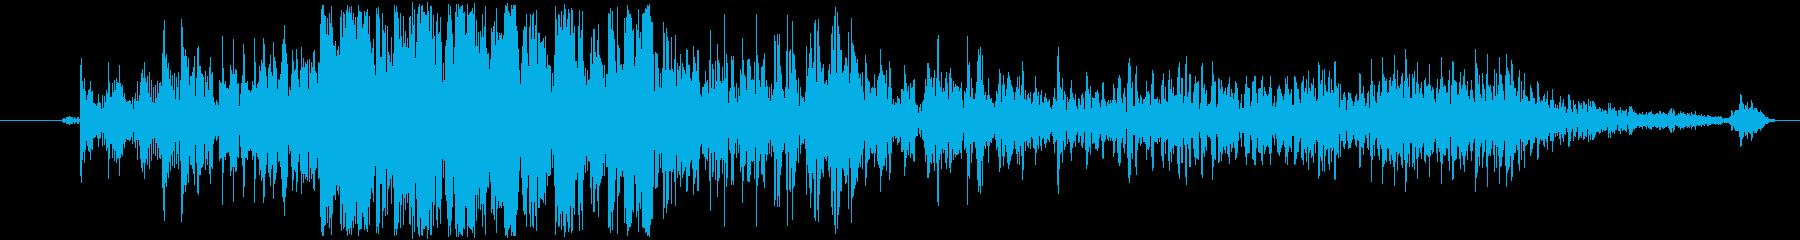 野獣 グラント03の再生済みの波形